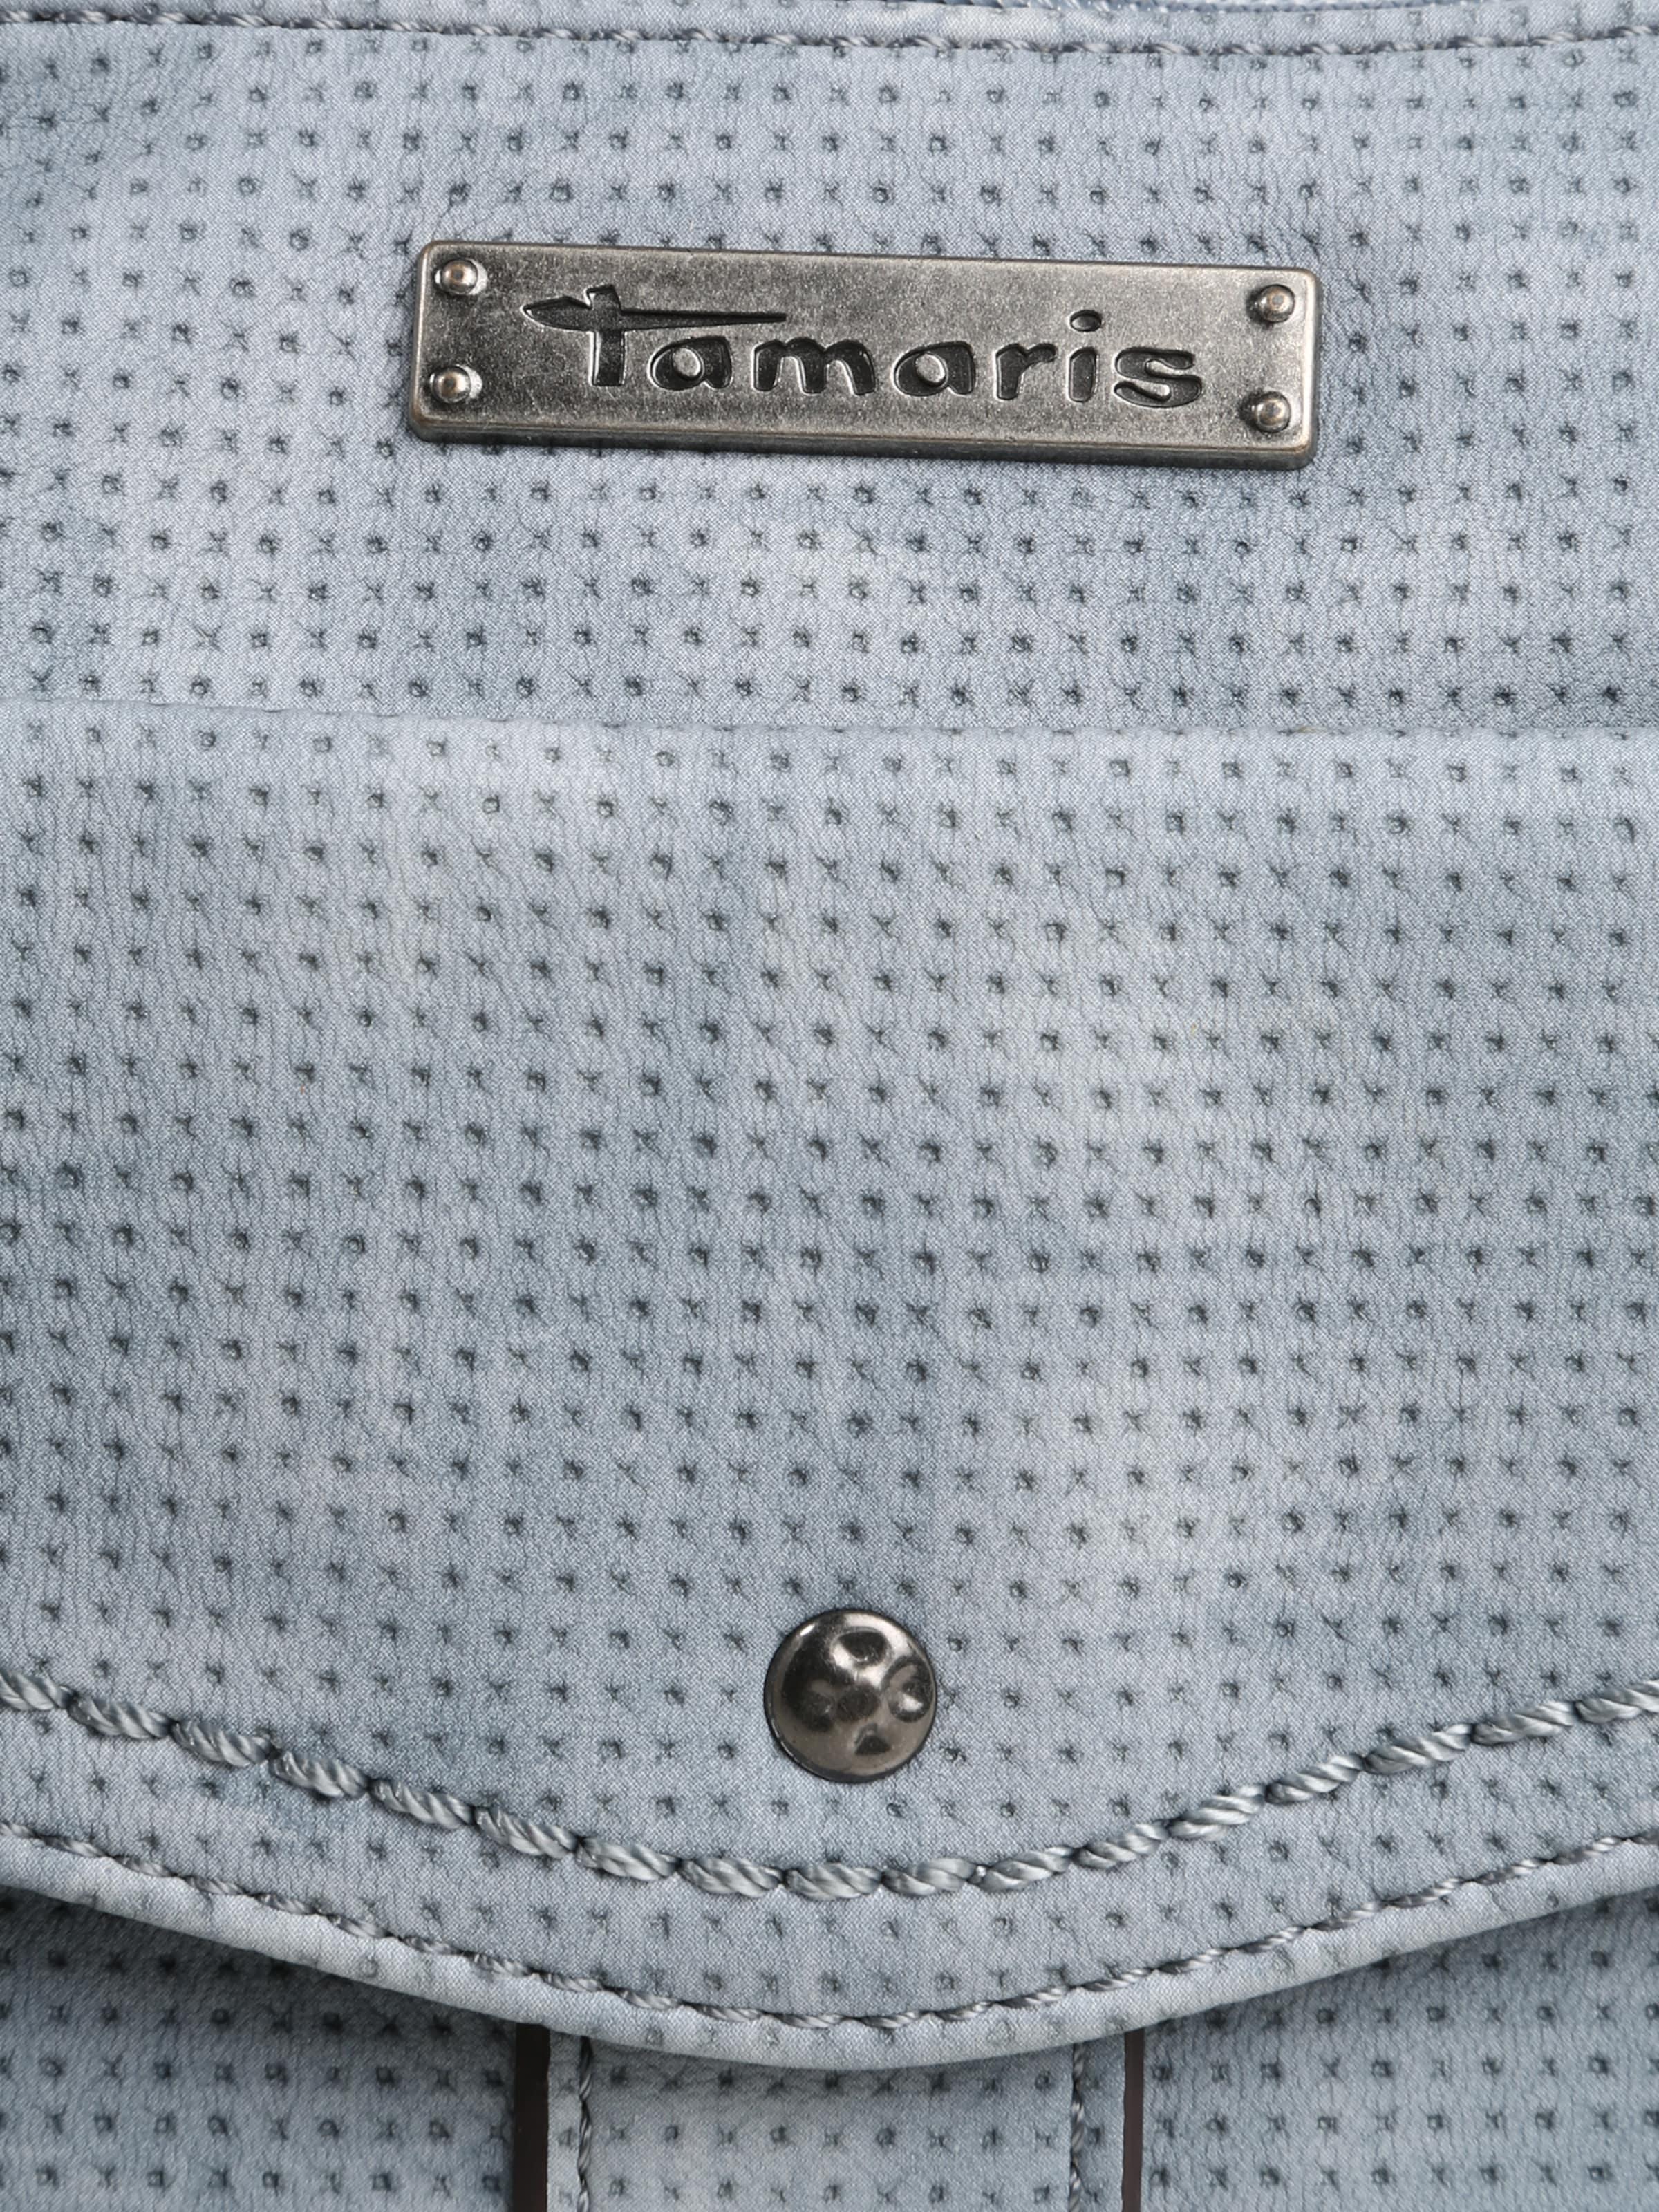 Shop-Angebot Günstig Online TAMARIS Umhängetasche 'ADRIANA' Verkaufen Sind Große Günstige Preise Günstig Kaufen Aus Deutschland Rabatt Slpf76JEX